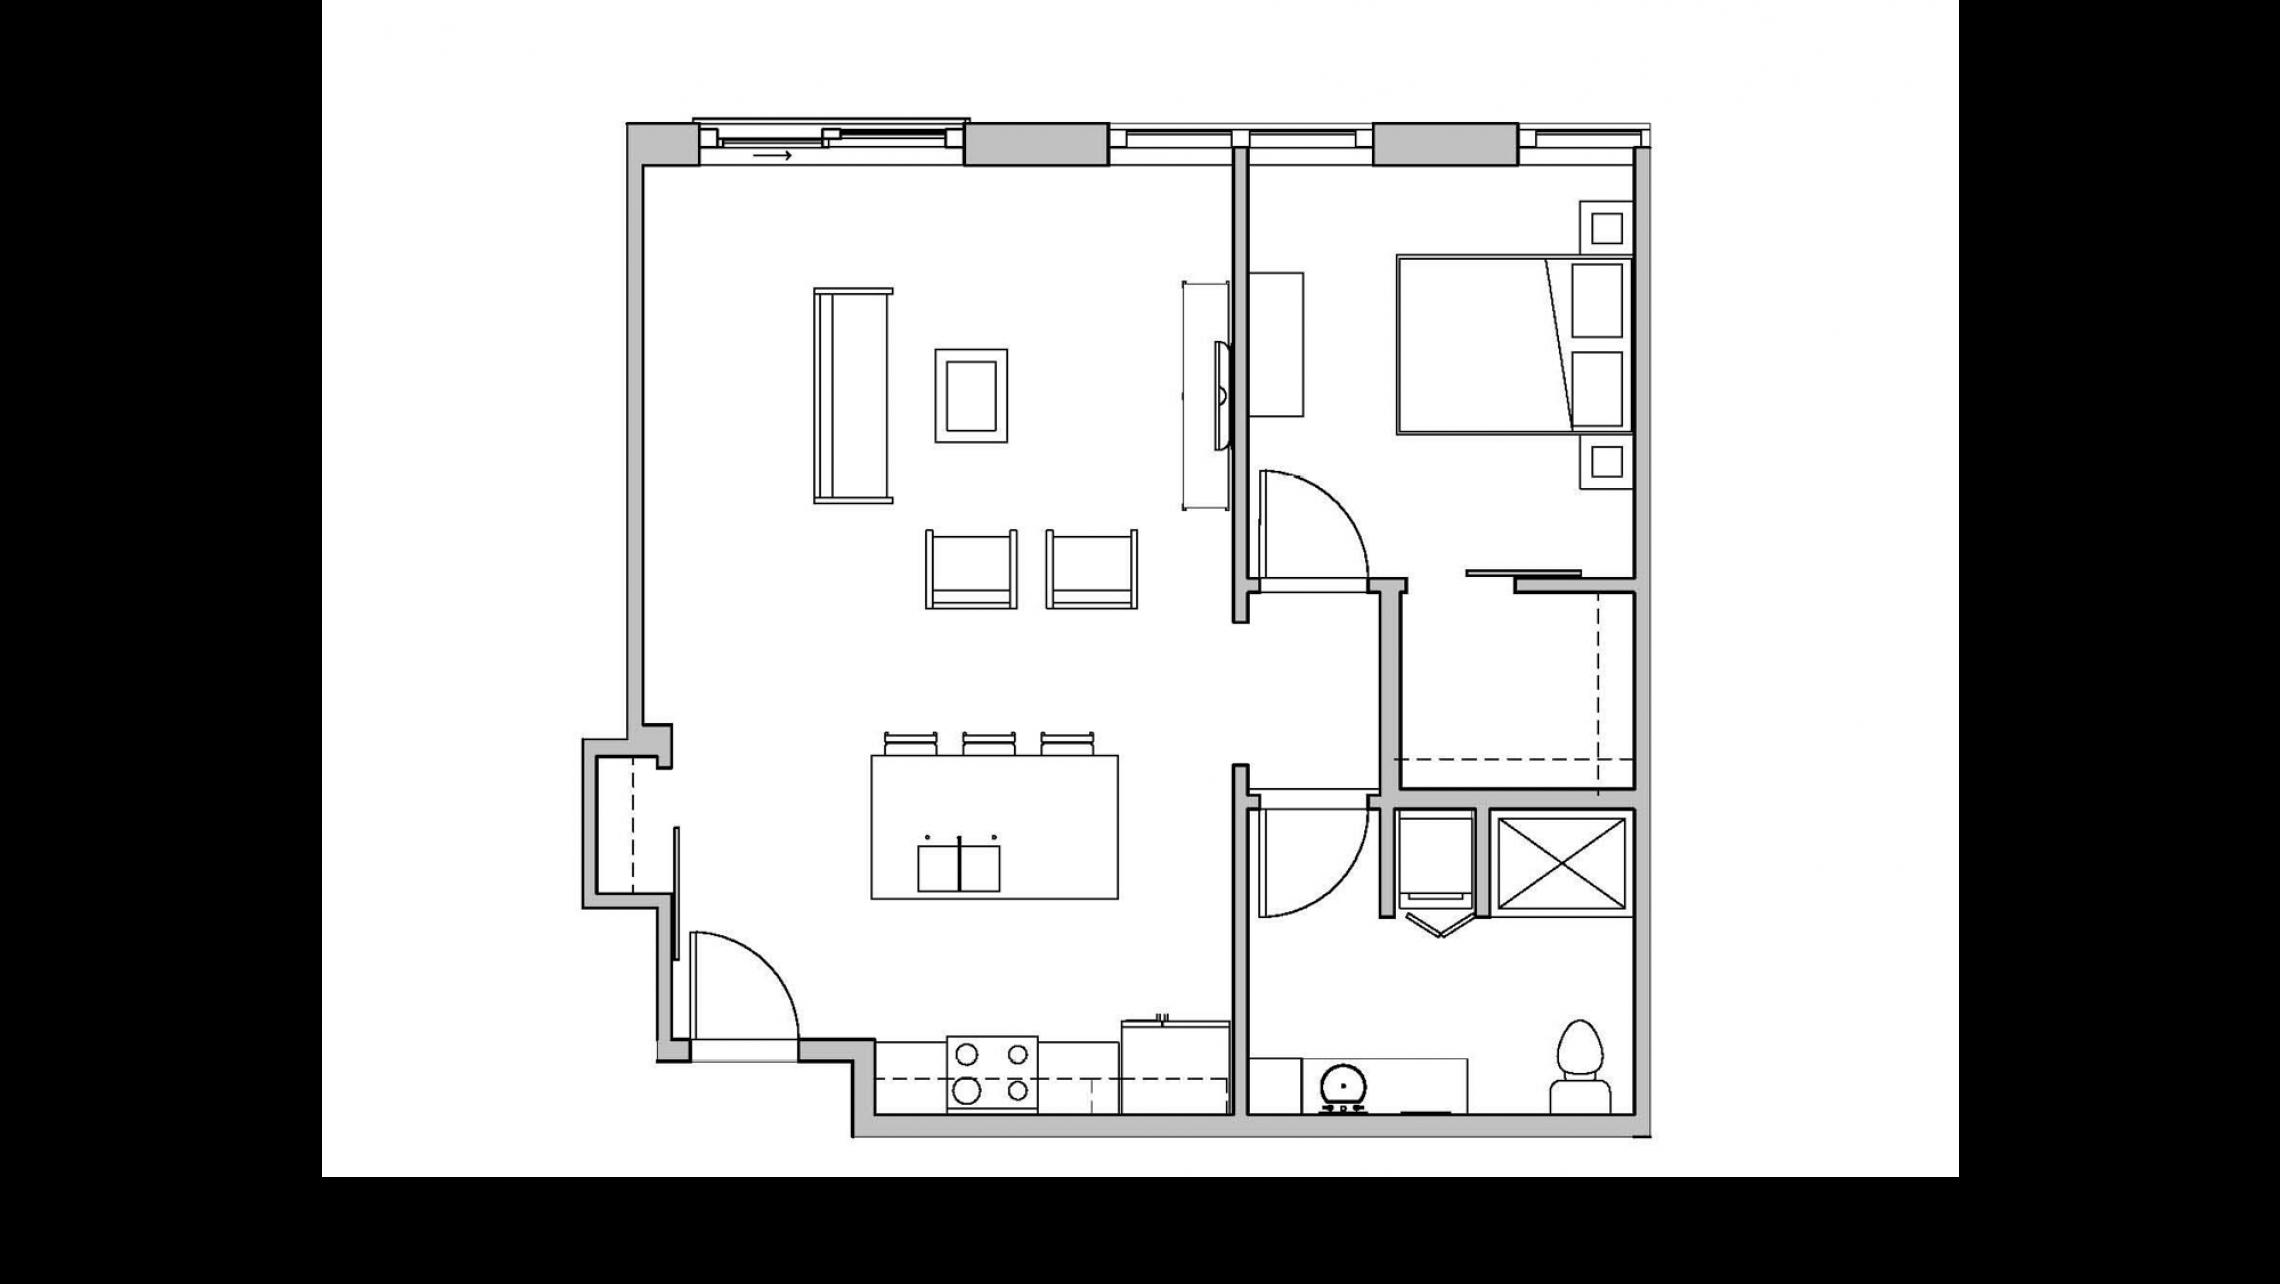 ULI Seven27 318 - One Bedroom, One Bathroom